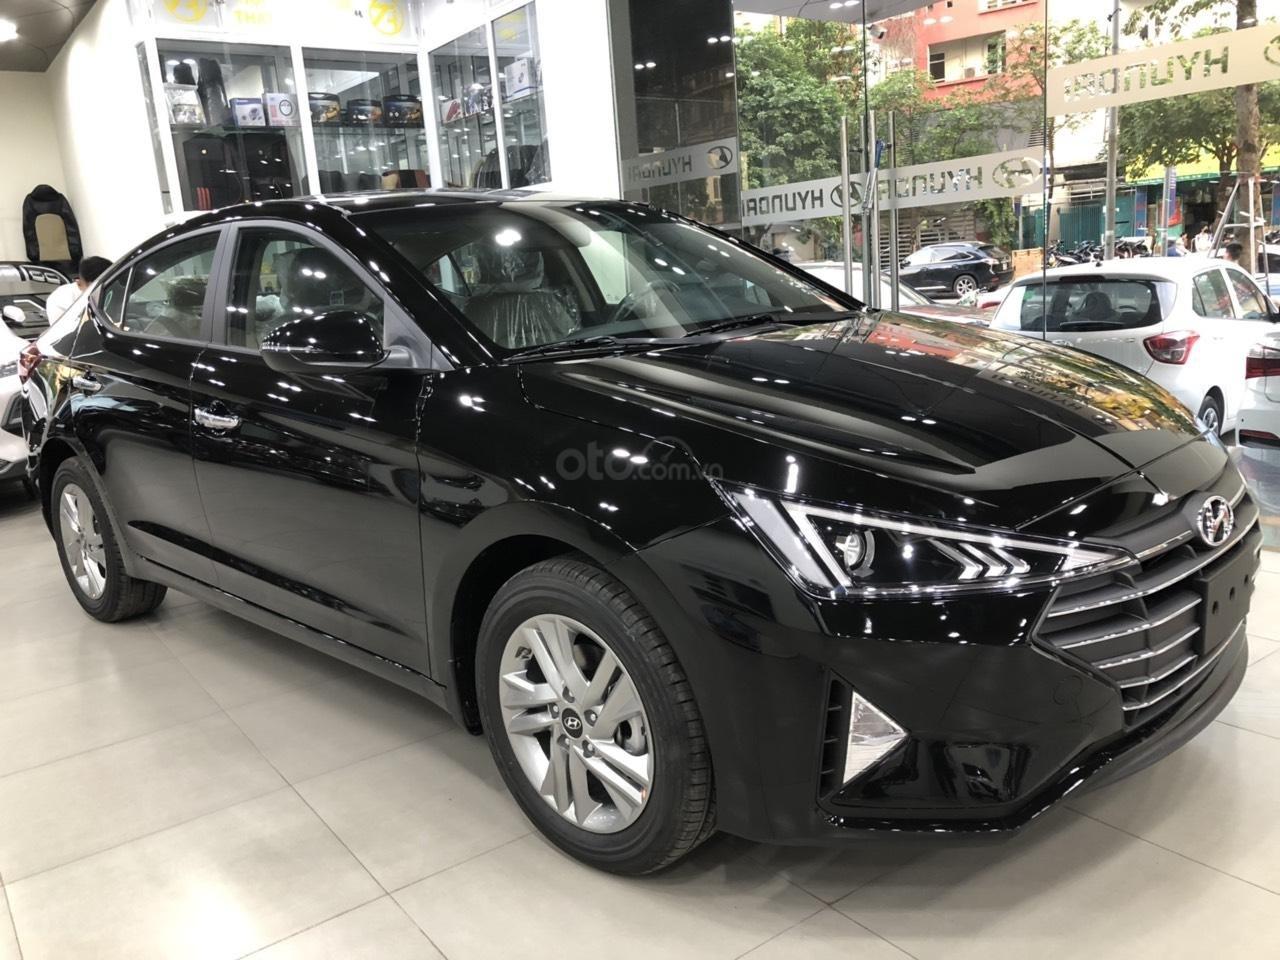 Hyundai Elantra 1.6 AT Facelift new 2019 - KM lên tới 20 triệu - giao ngay - Ms Lan 0919929923 (3)